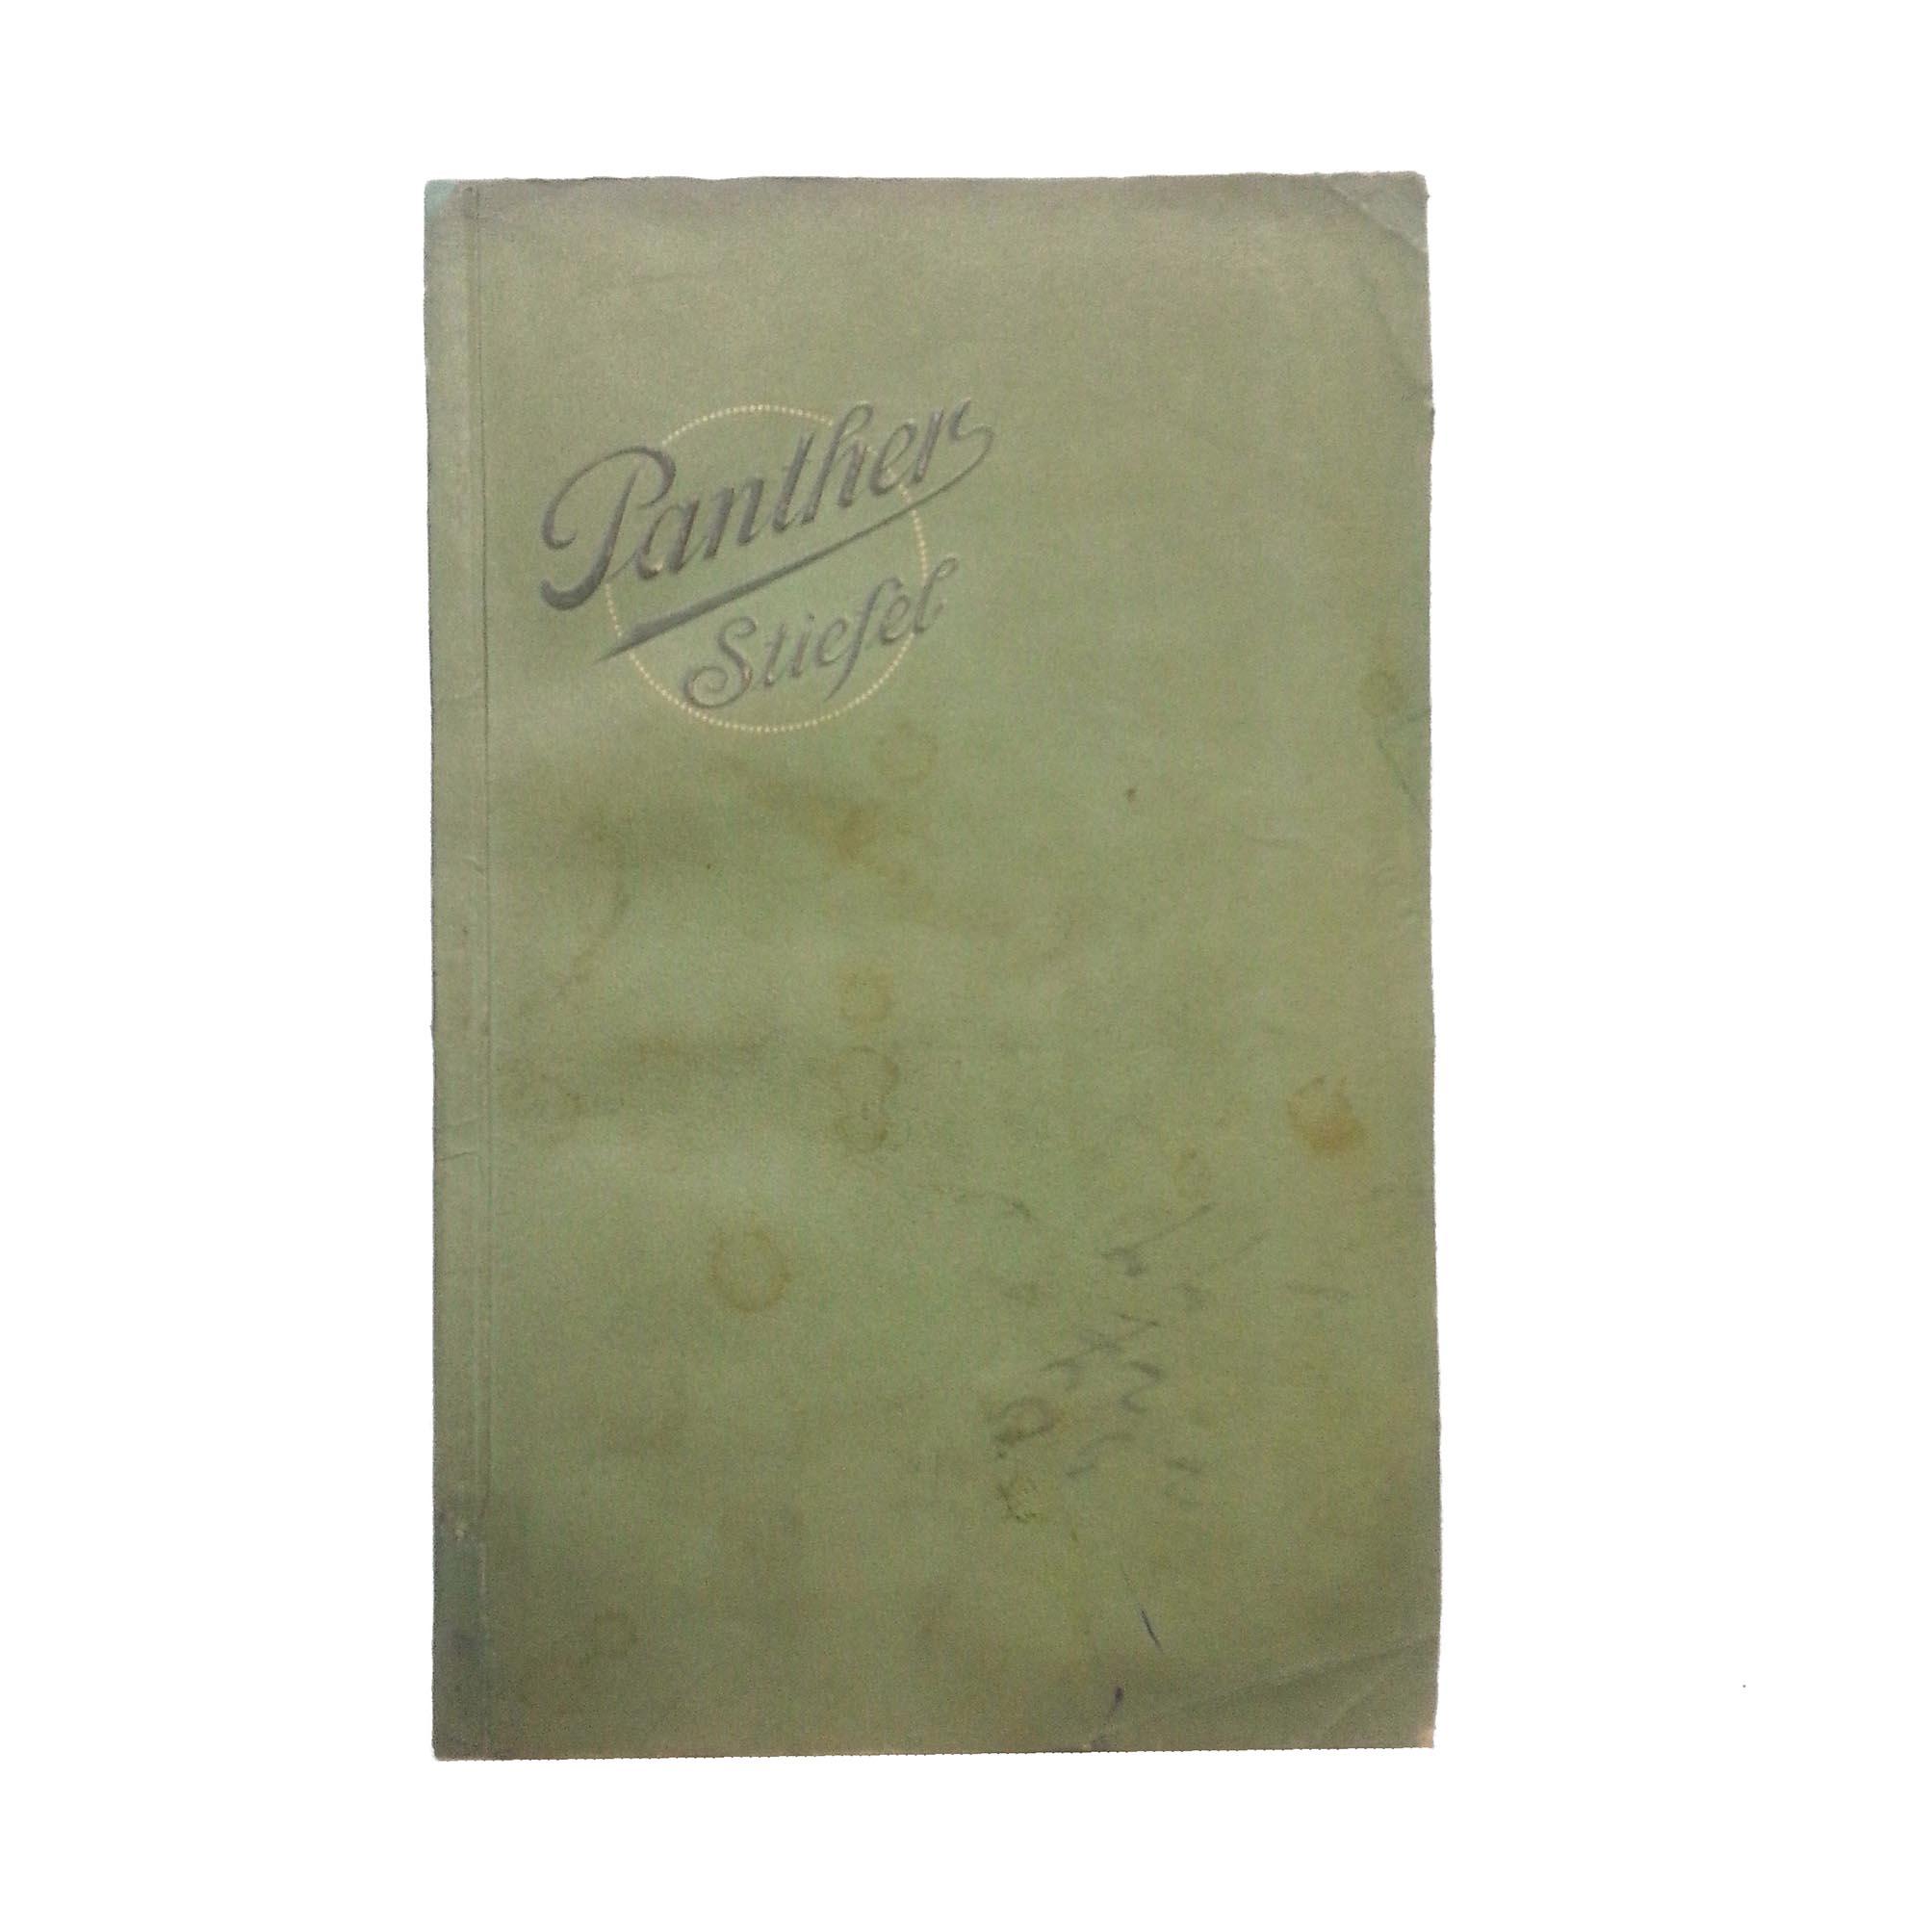 5883-Katalog-Panther-Stiefel-1910-Umschlag-rest-A-N.jpg